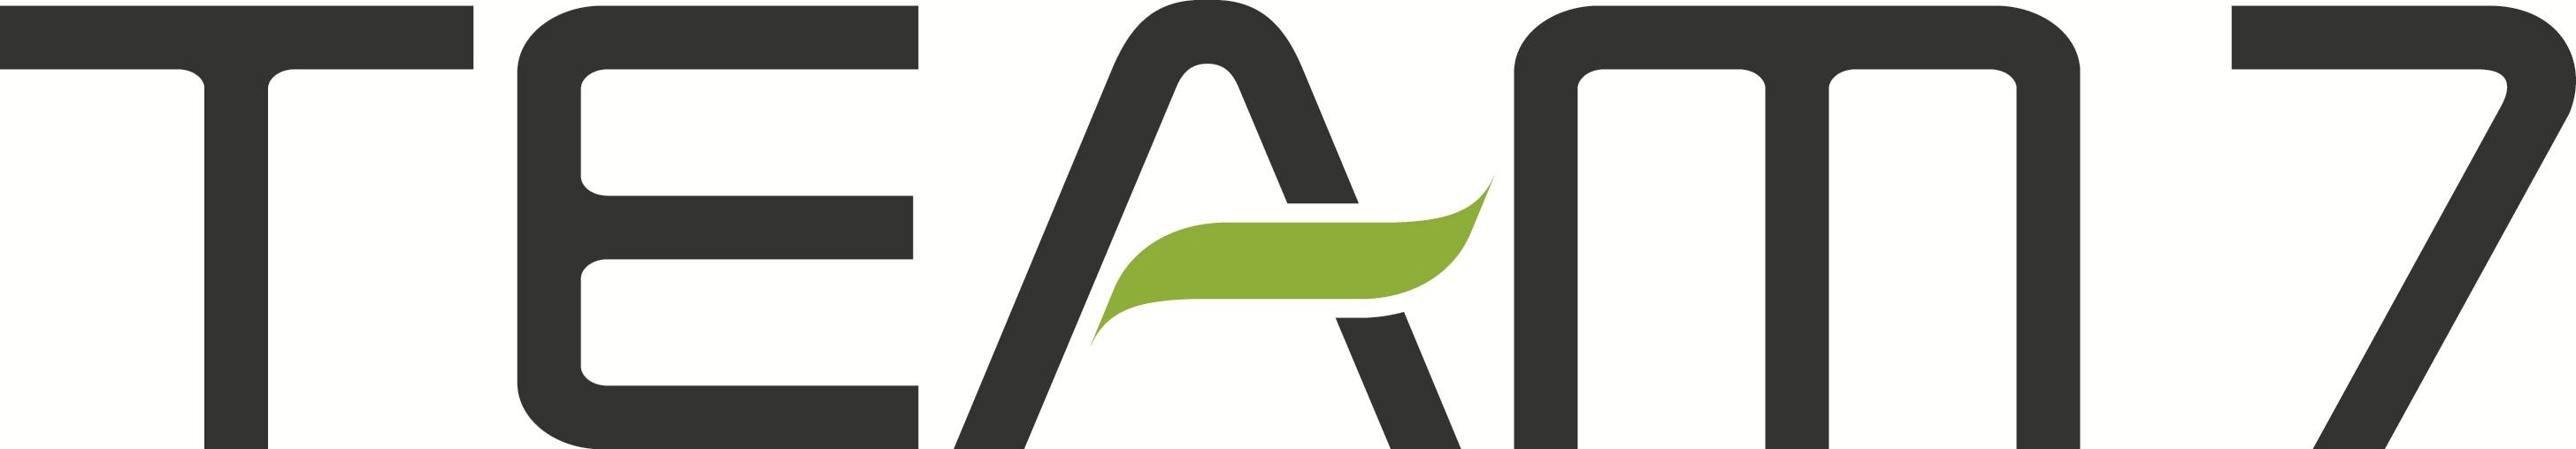 Bildergebnis für team 7 logo